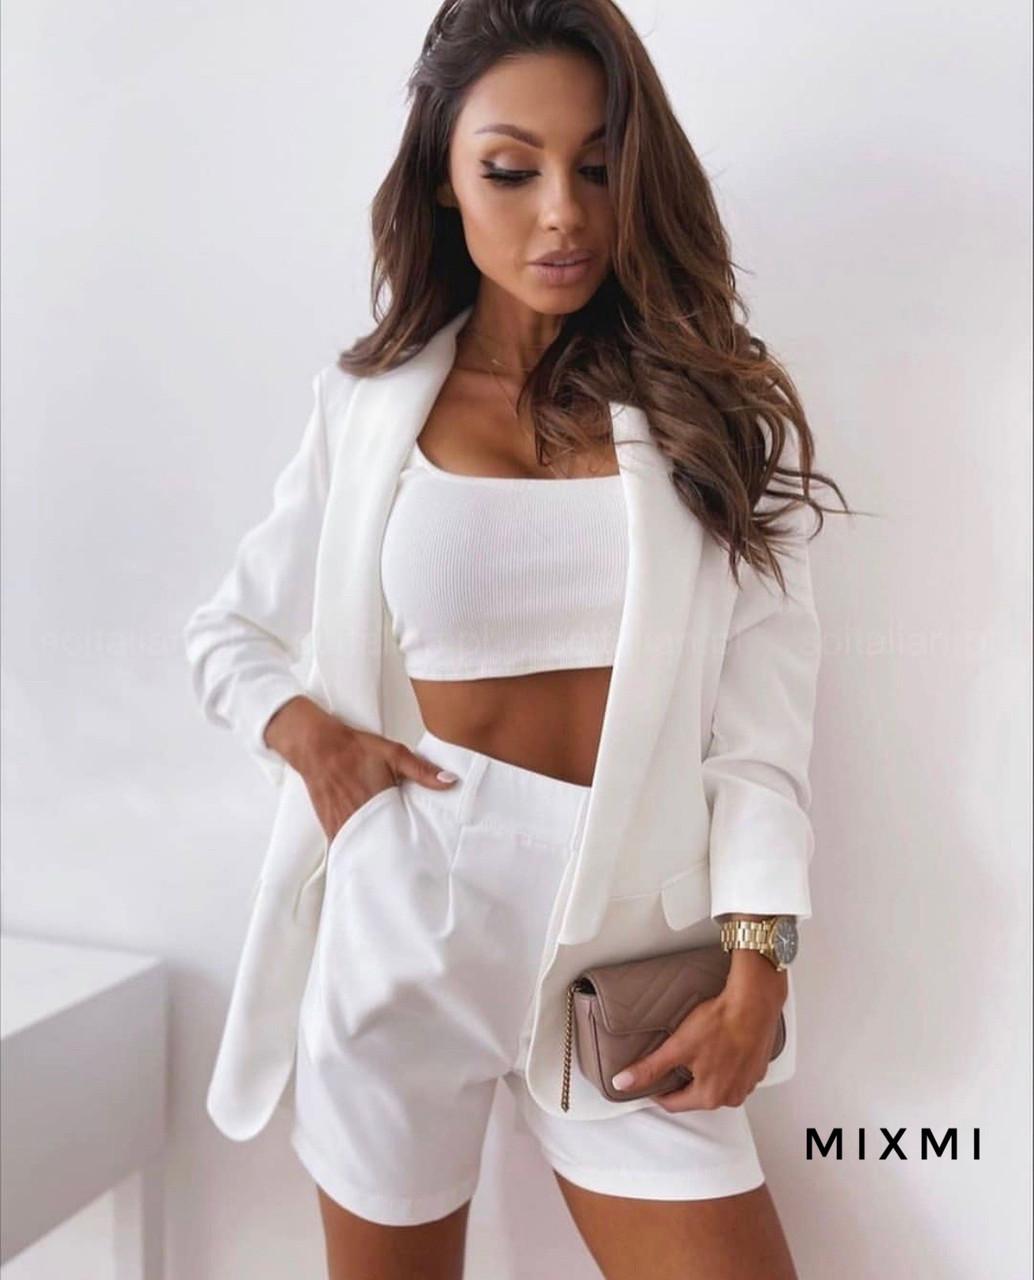 Жіночий костюм, костюмка класу люкс, р-р 42-44; 44-46 (білий)